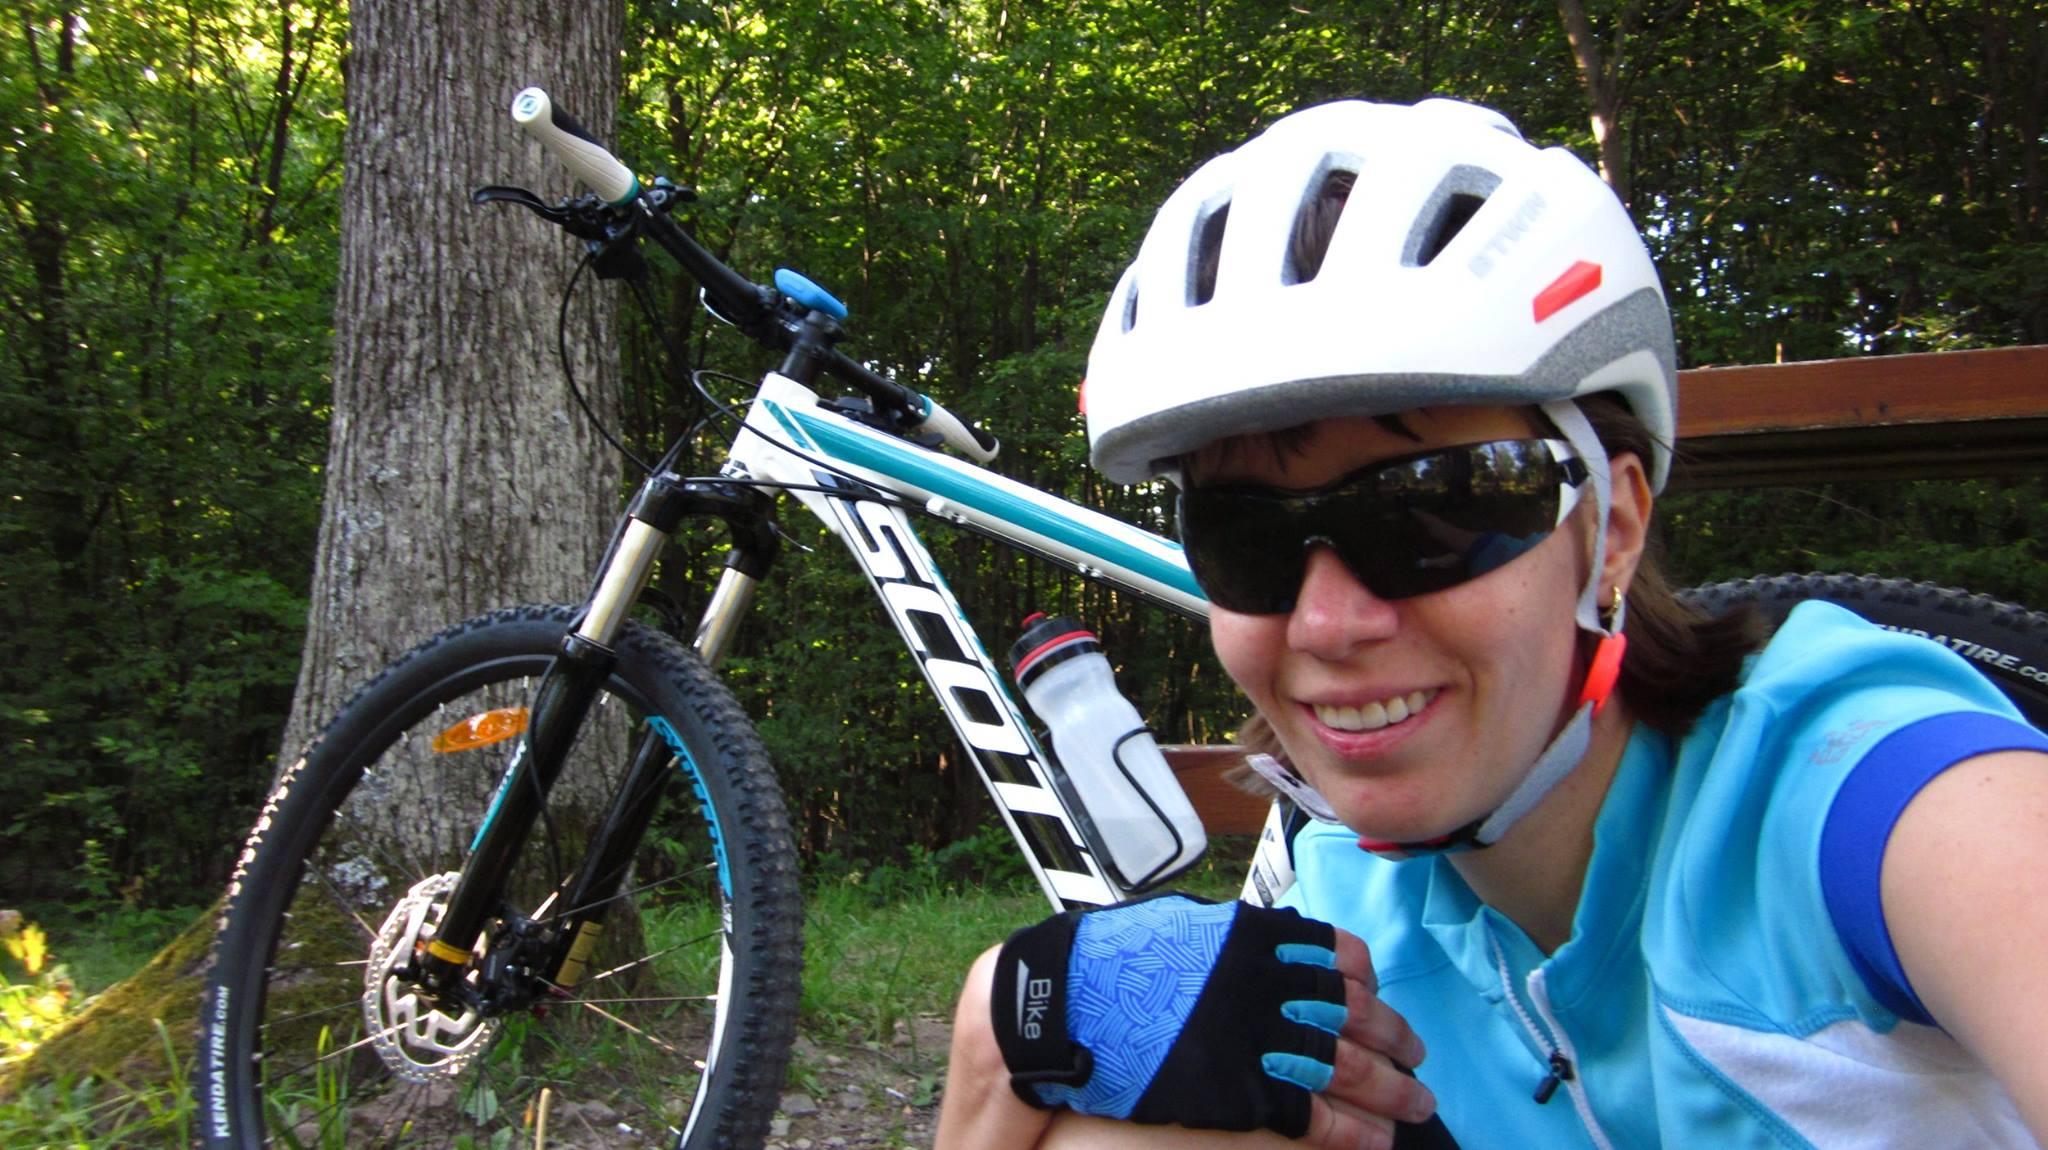 Mariann és a bringája